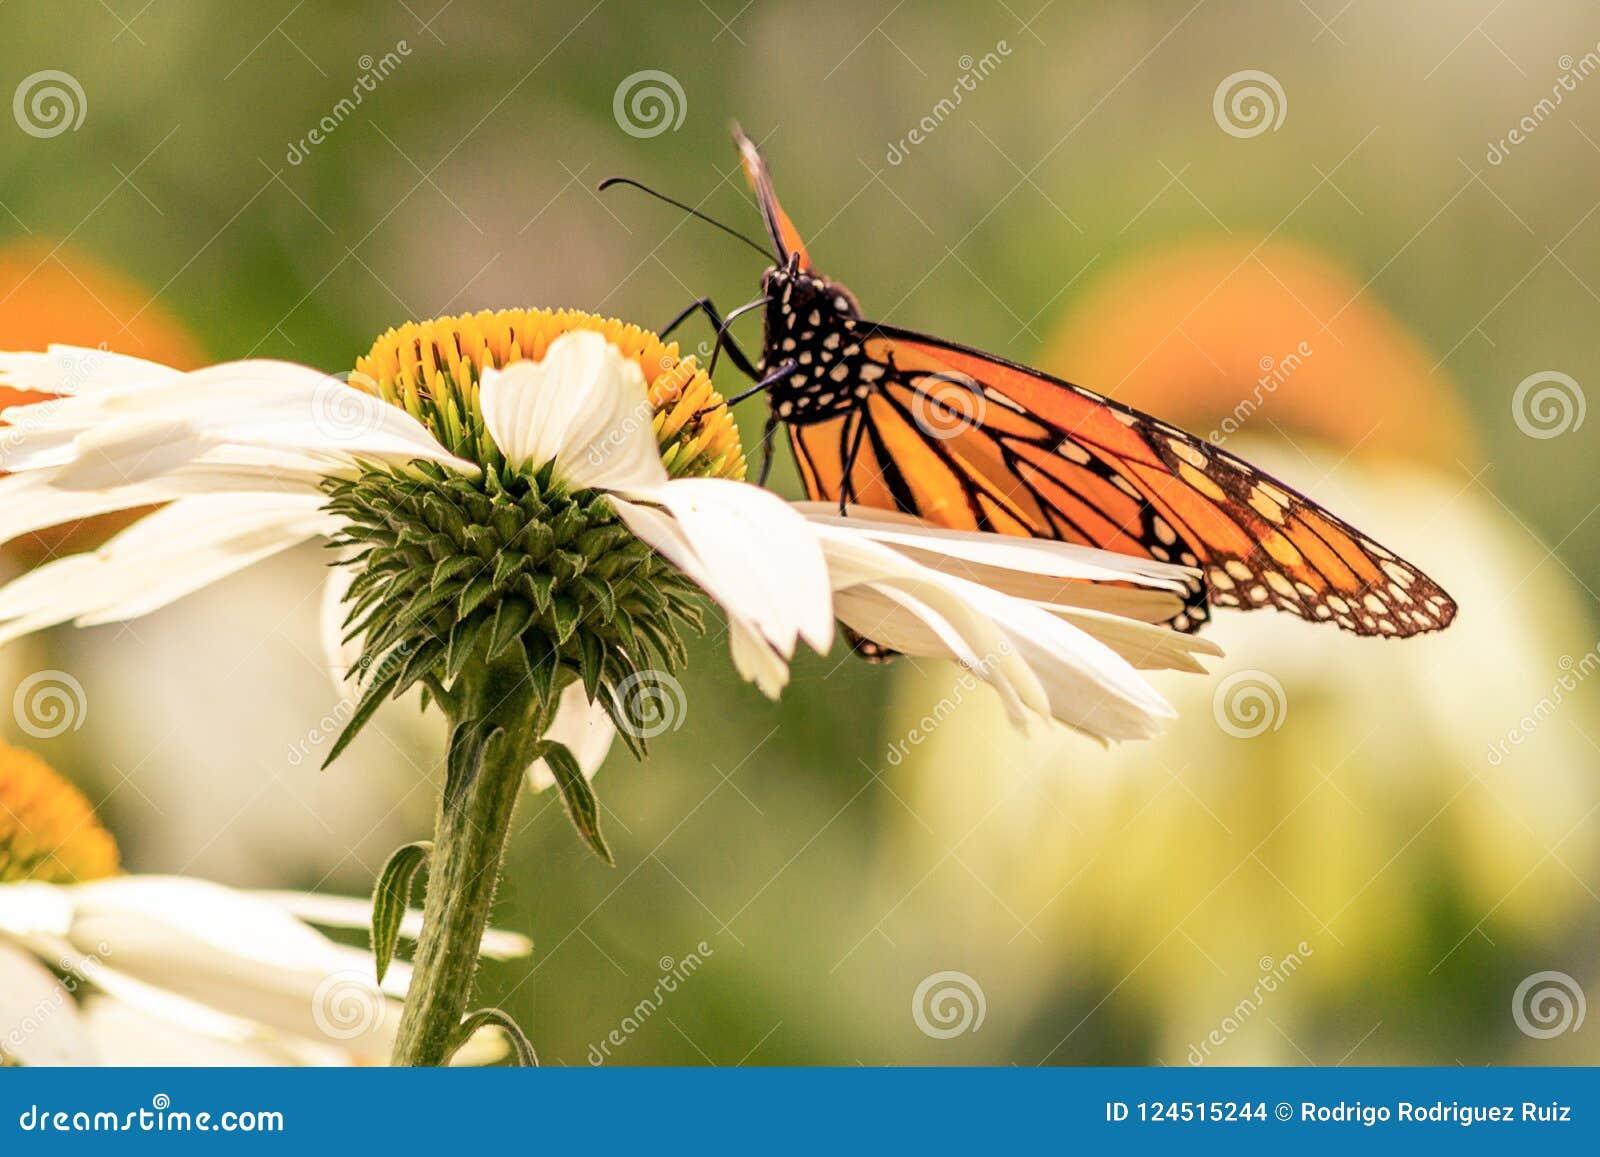 Κλείστε επάνω μιας πεταλούδας μοναρχών στεμένος σε μια άσπρη μαργαρίτα